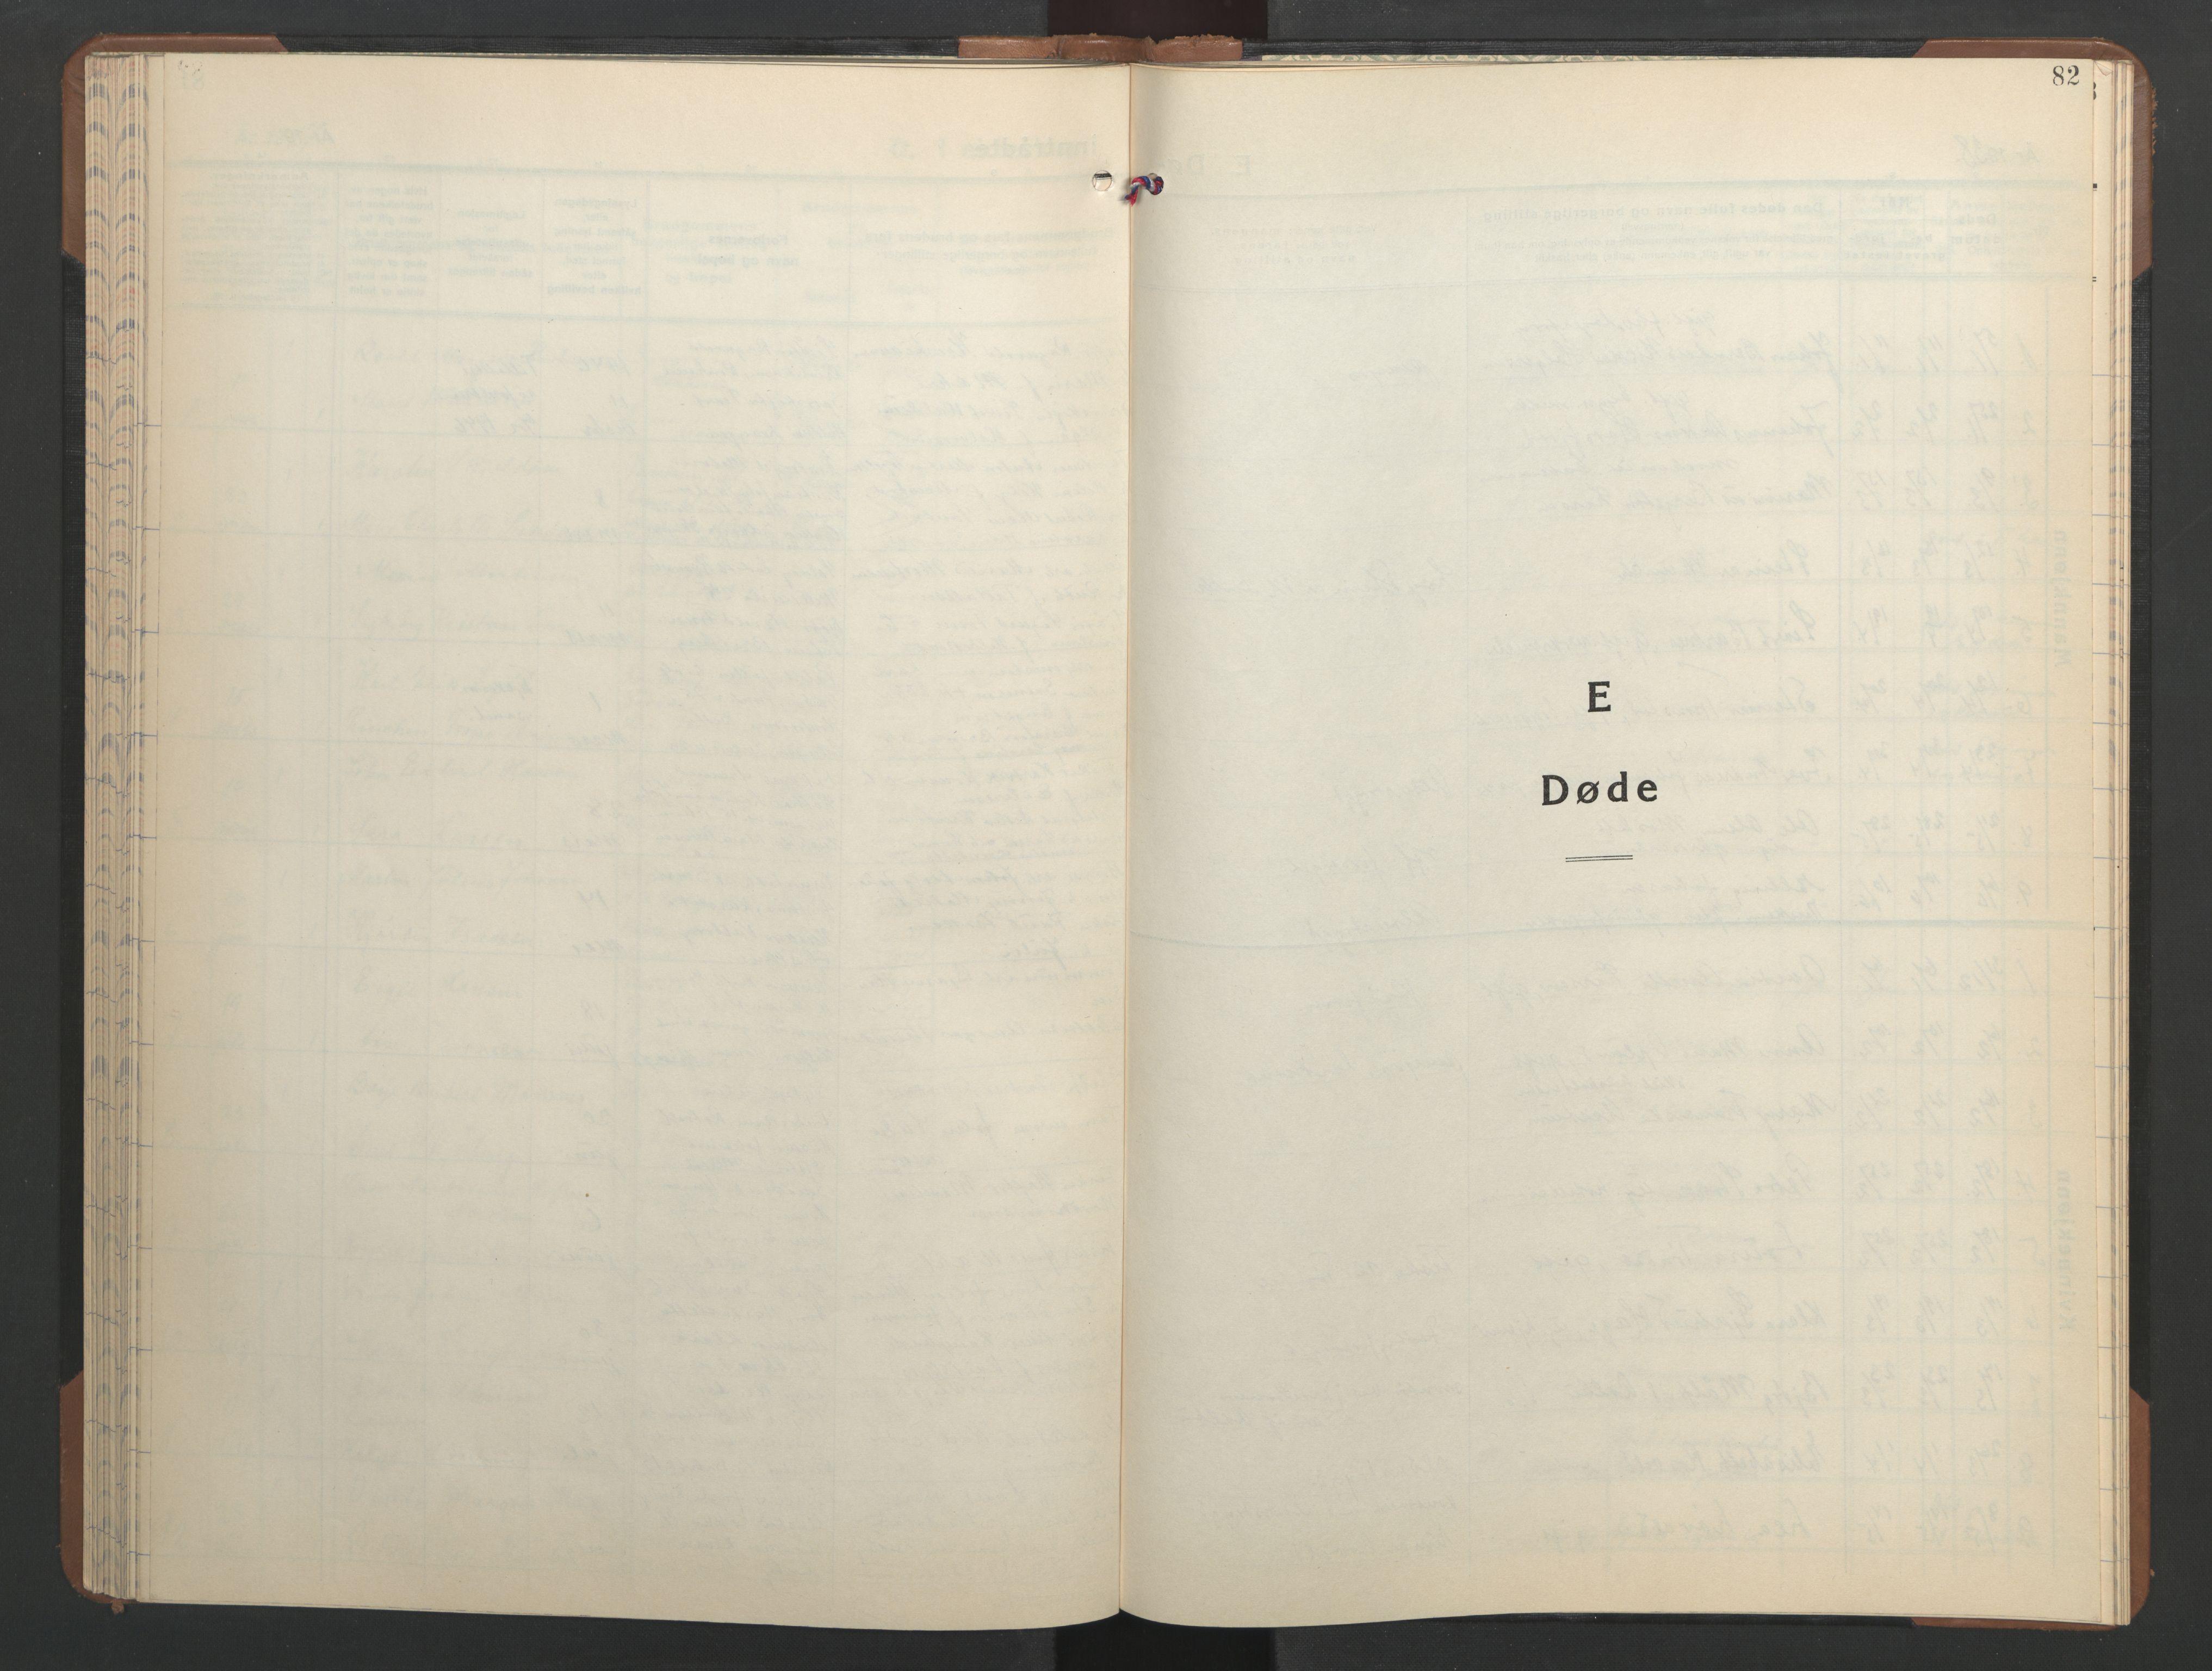 SAT, Ministerialprotokoller, klokkerbøker og fødselsregistre - Sør-Trøndelag, 606/L0315: Klokkerbok nr. 606C11, 1938-1947, s. 82